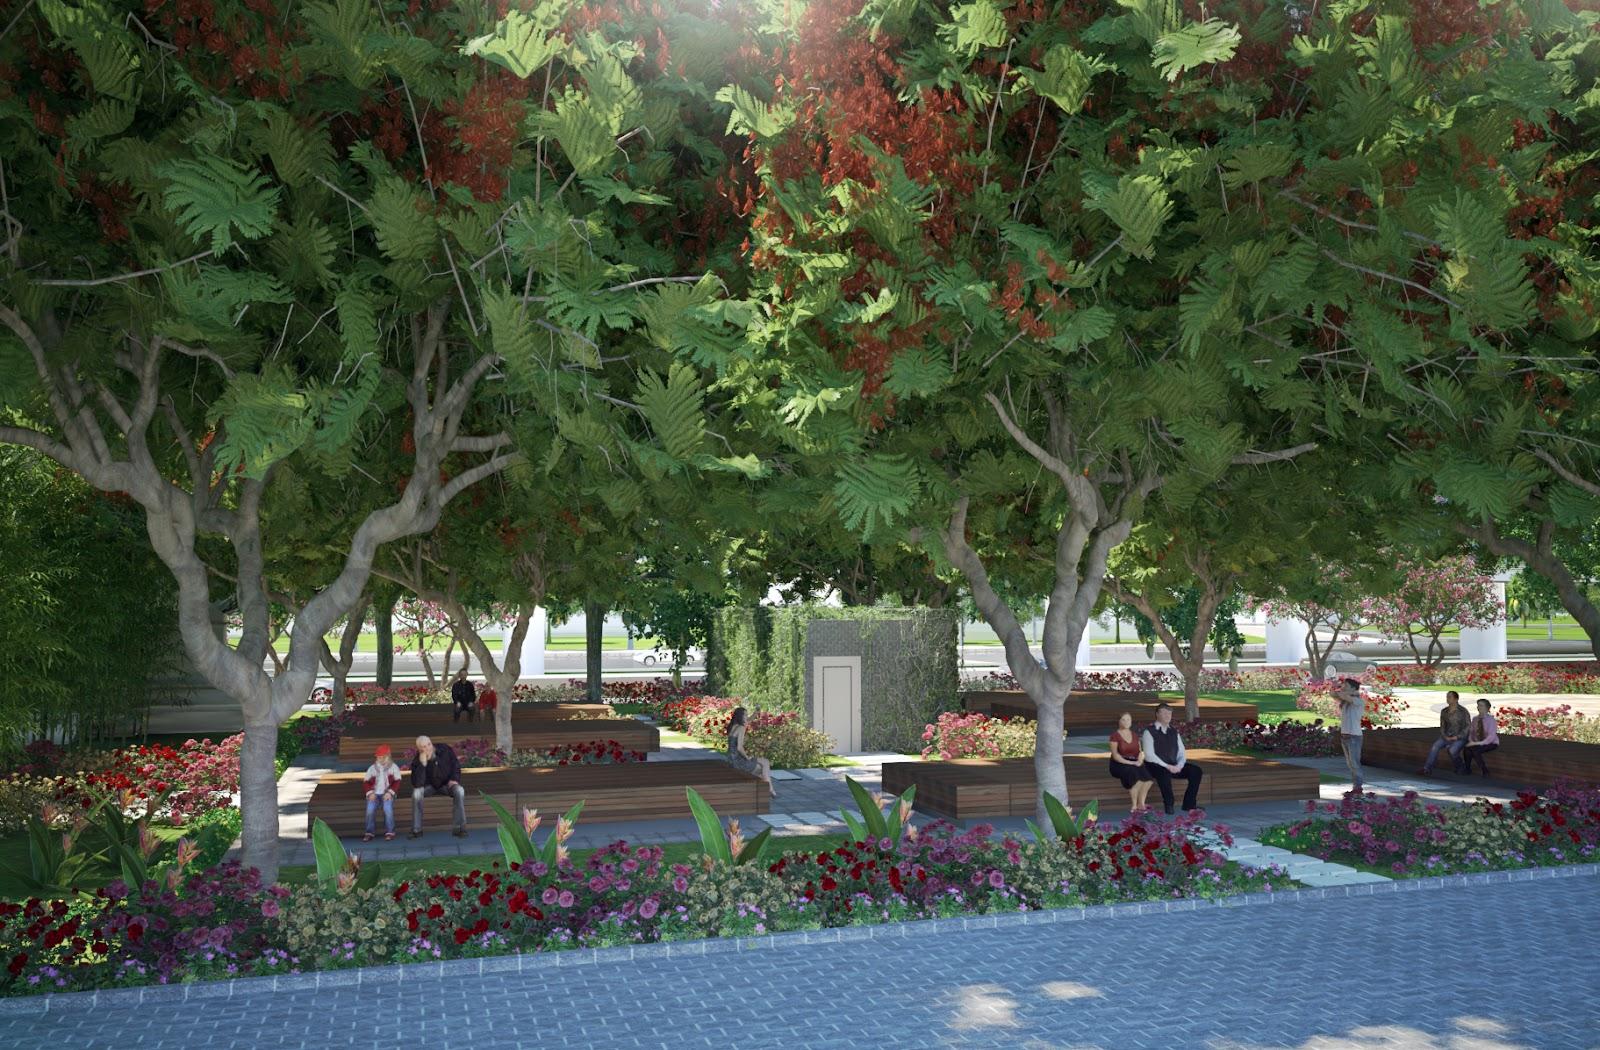 Cảnh quan xanh mát hiếm có tại chung cư Athena Đại Kim